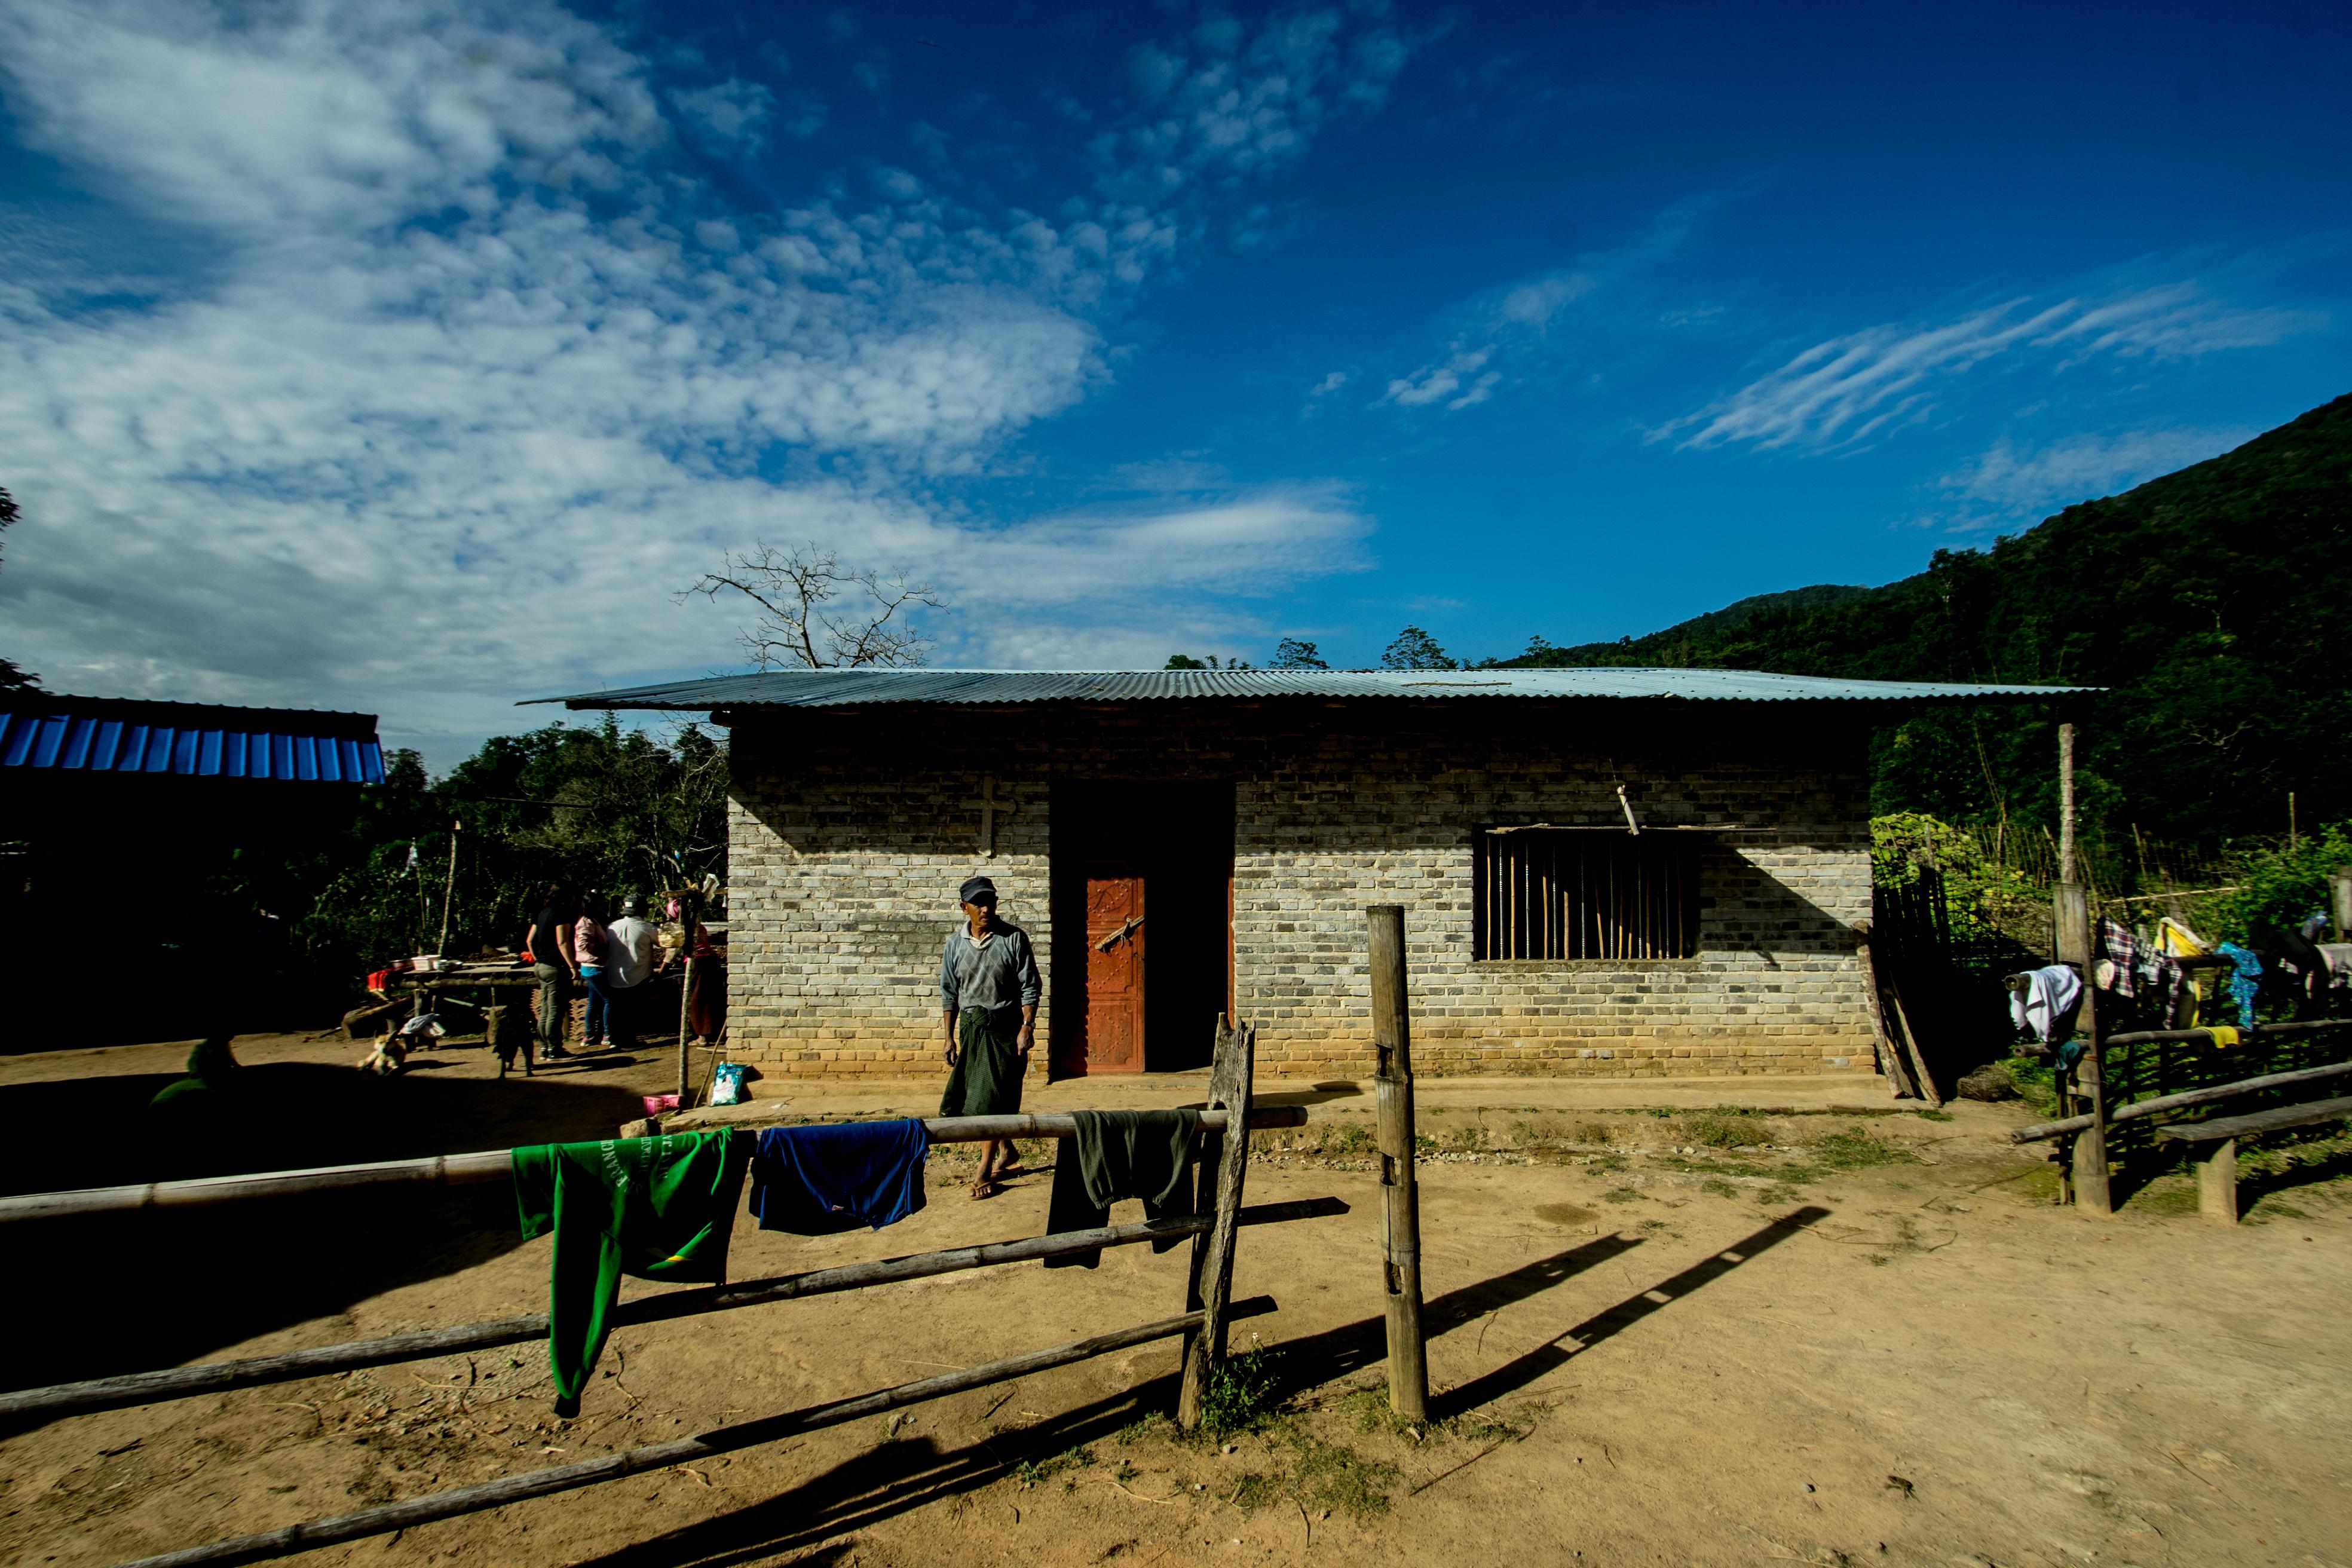 KS_Minorités_en_Birmanie-102